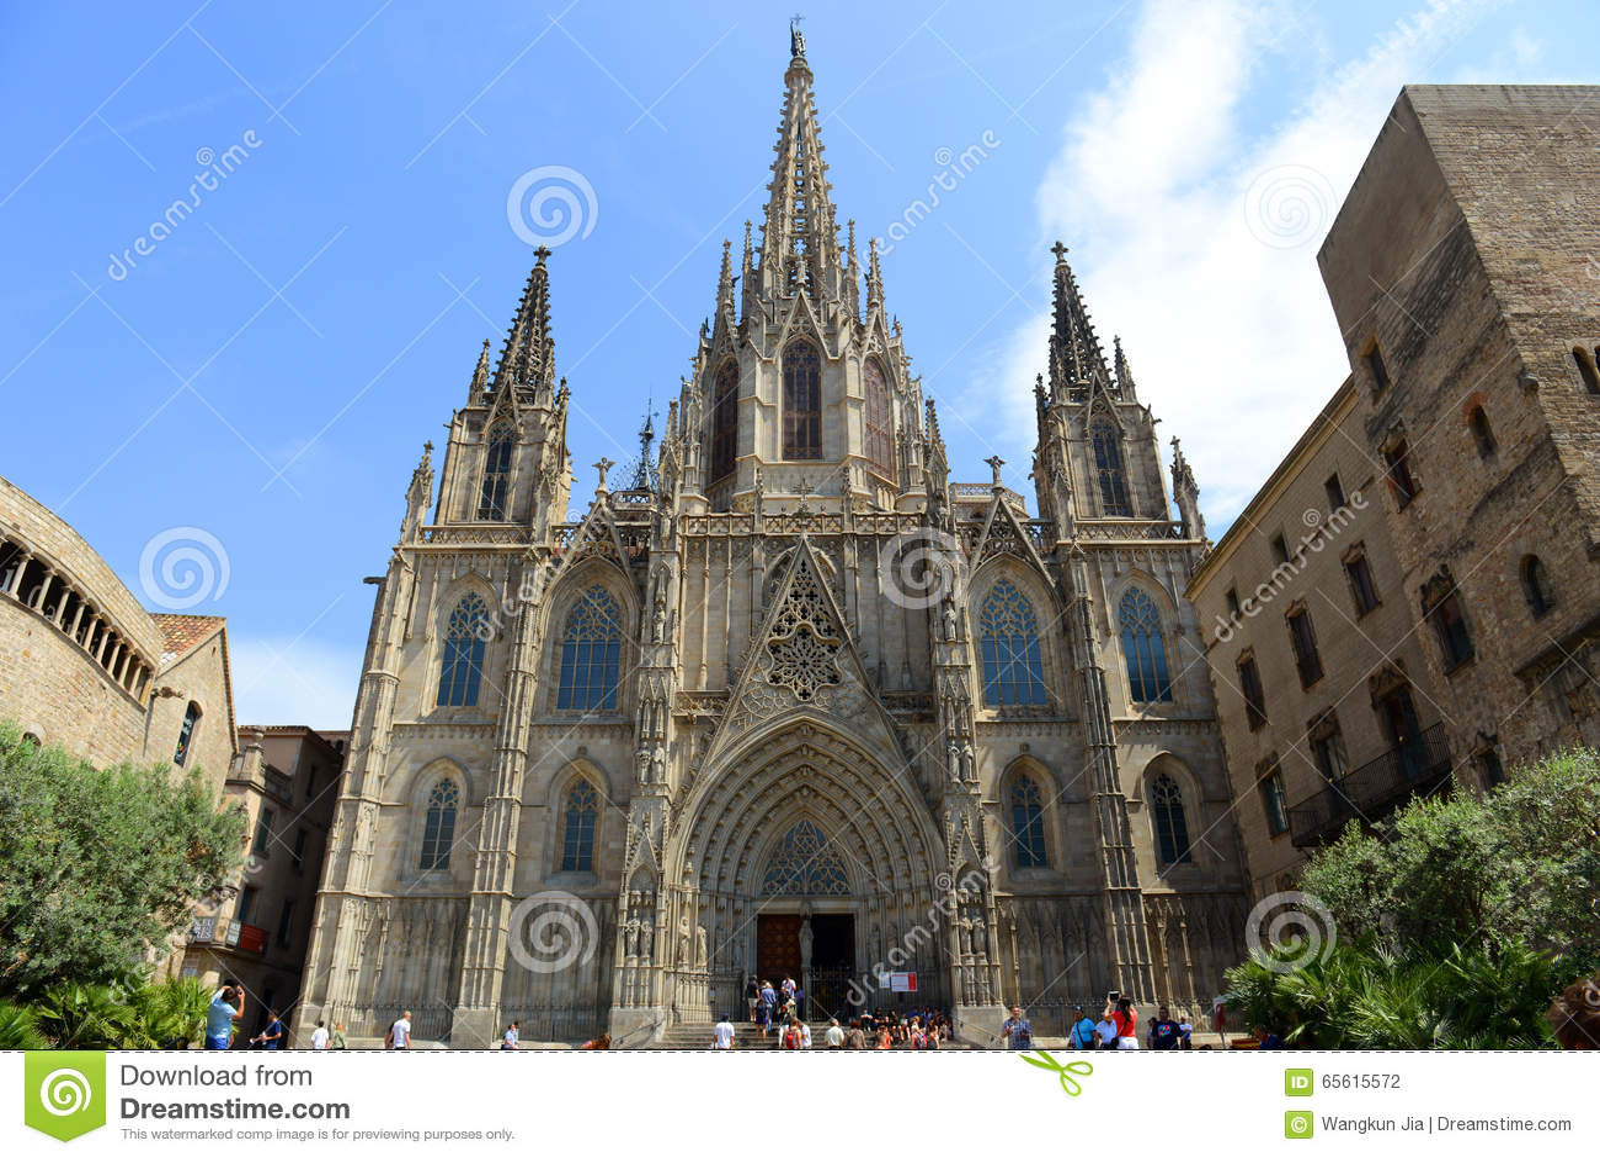 Cattedrale di barcellona citt vecchia barcellona spagna for Piscine w barcelone